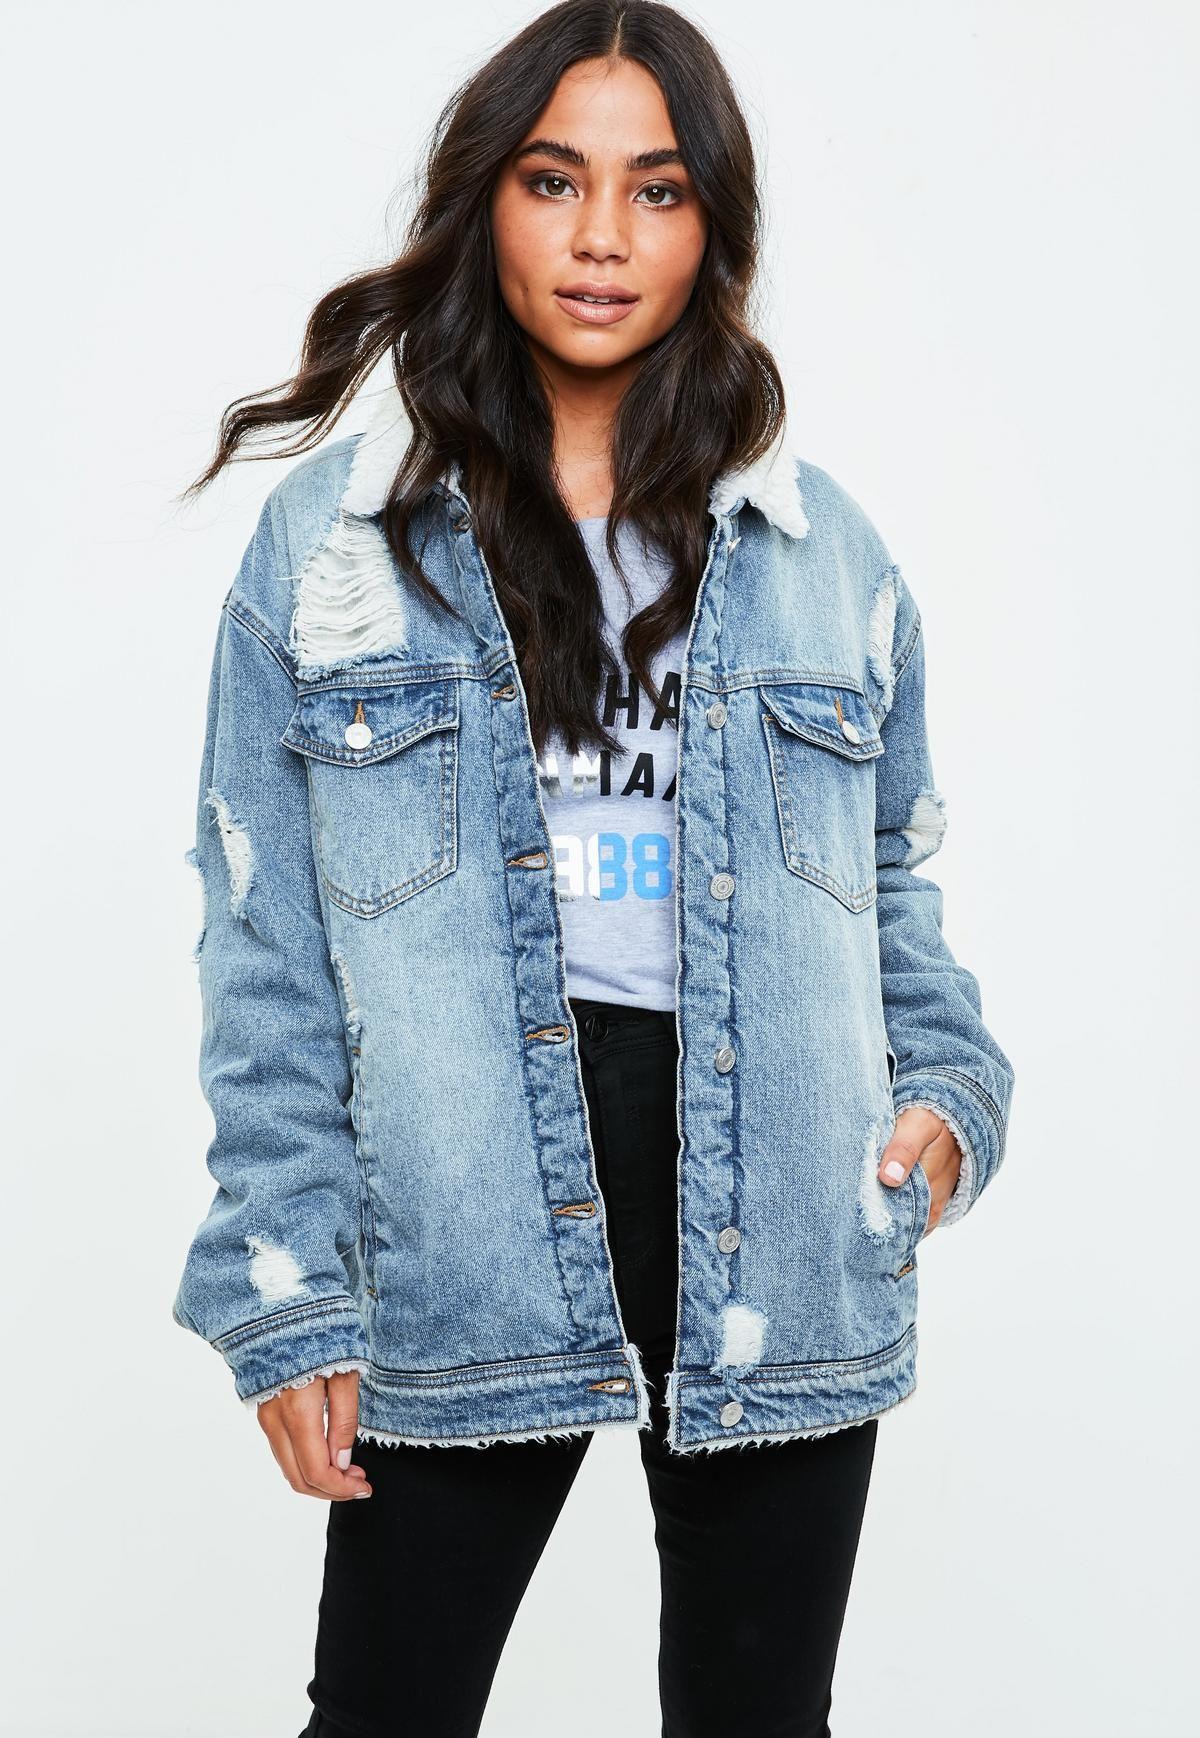 8262544d5d1e Veste en jean bleue doublure moumoute